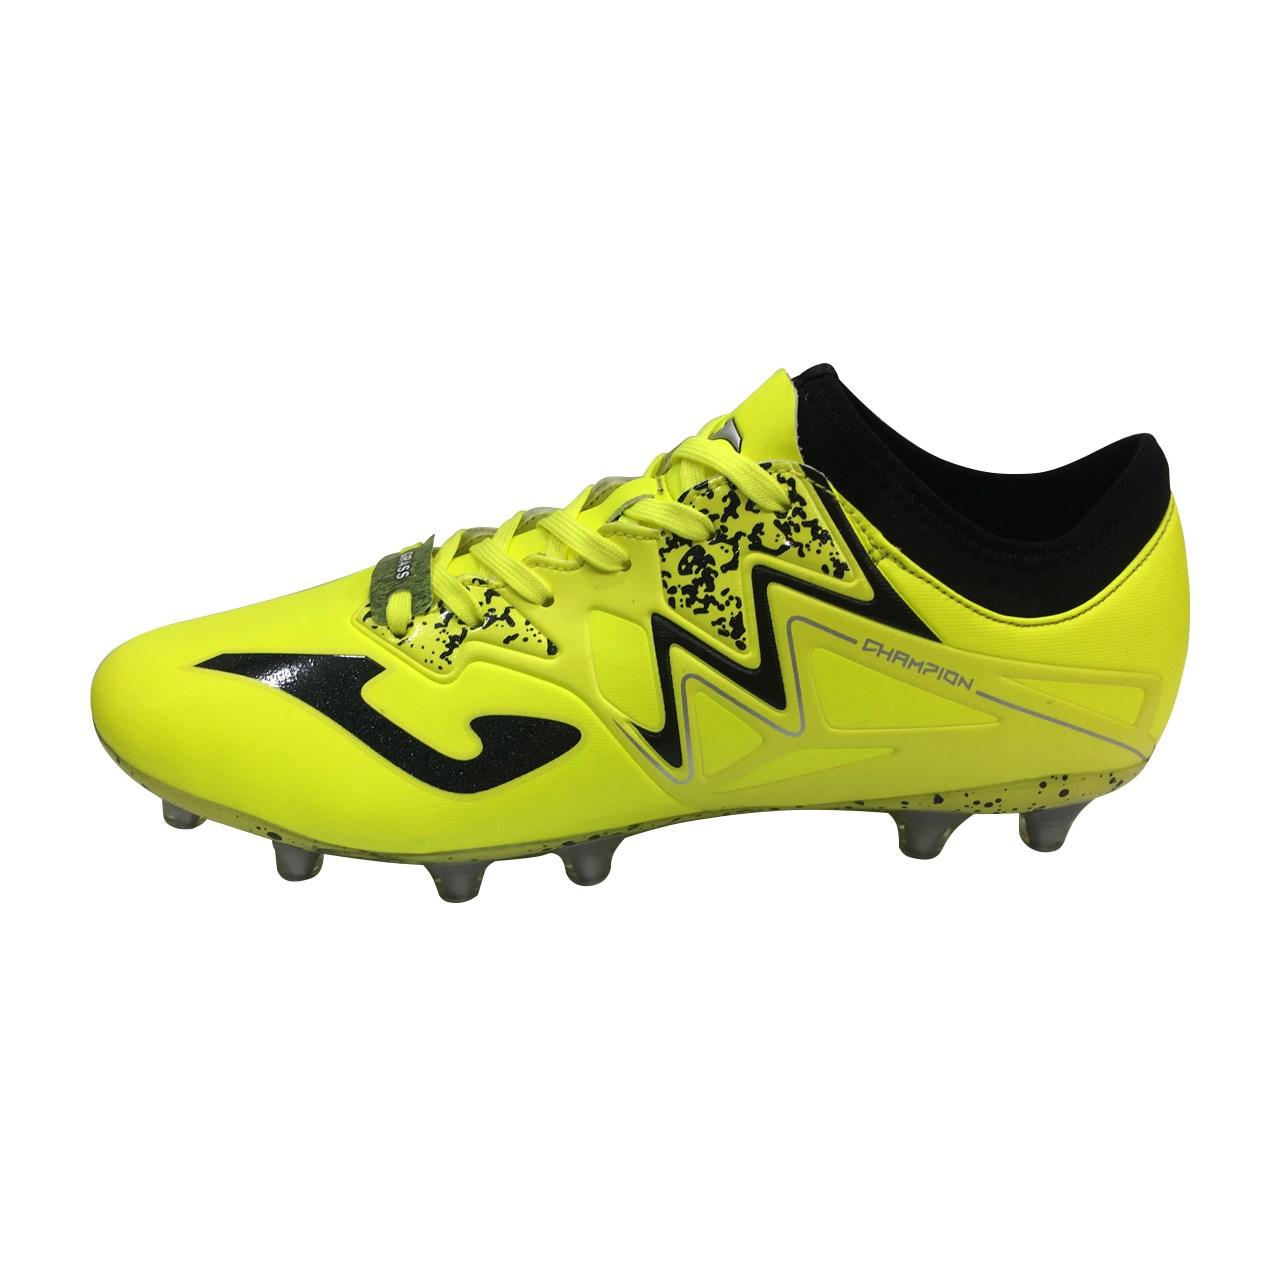 کفش مخصوص فوتبال مردانه جوما مدل CHAMPION CUP 711